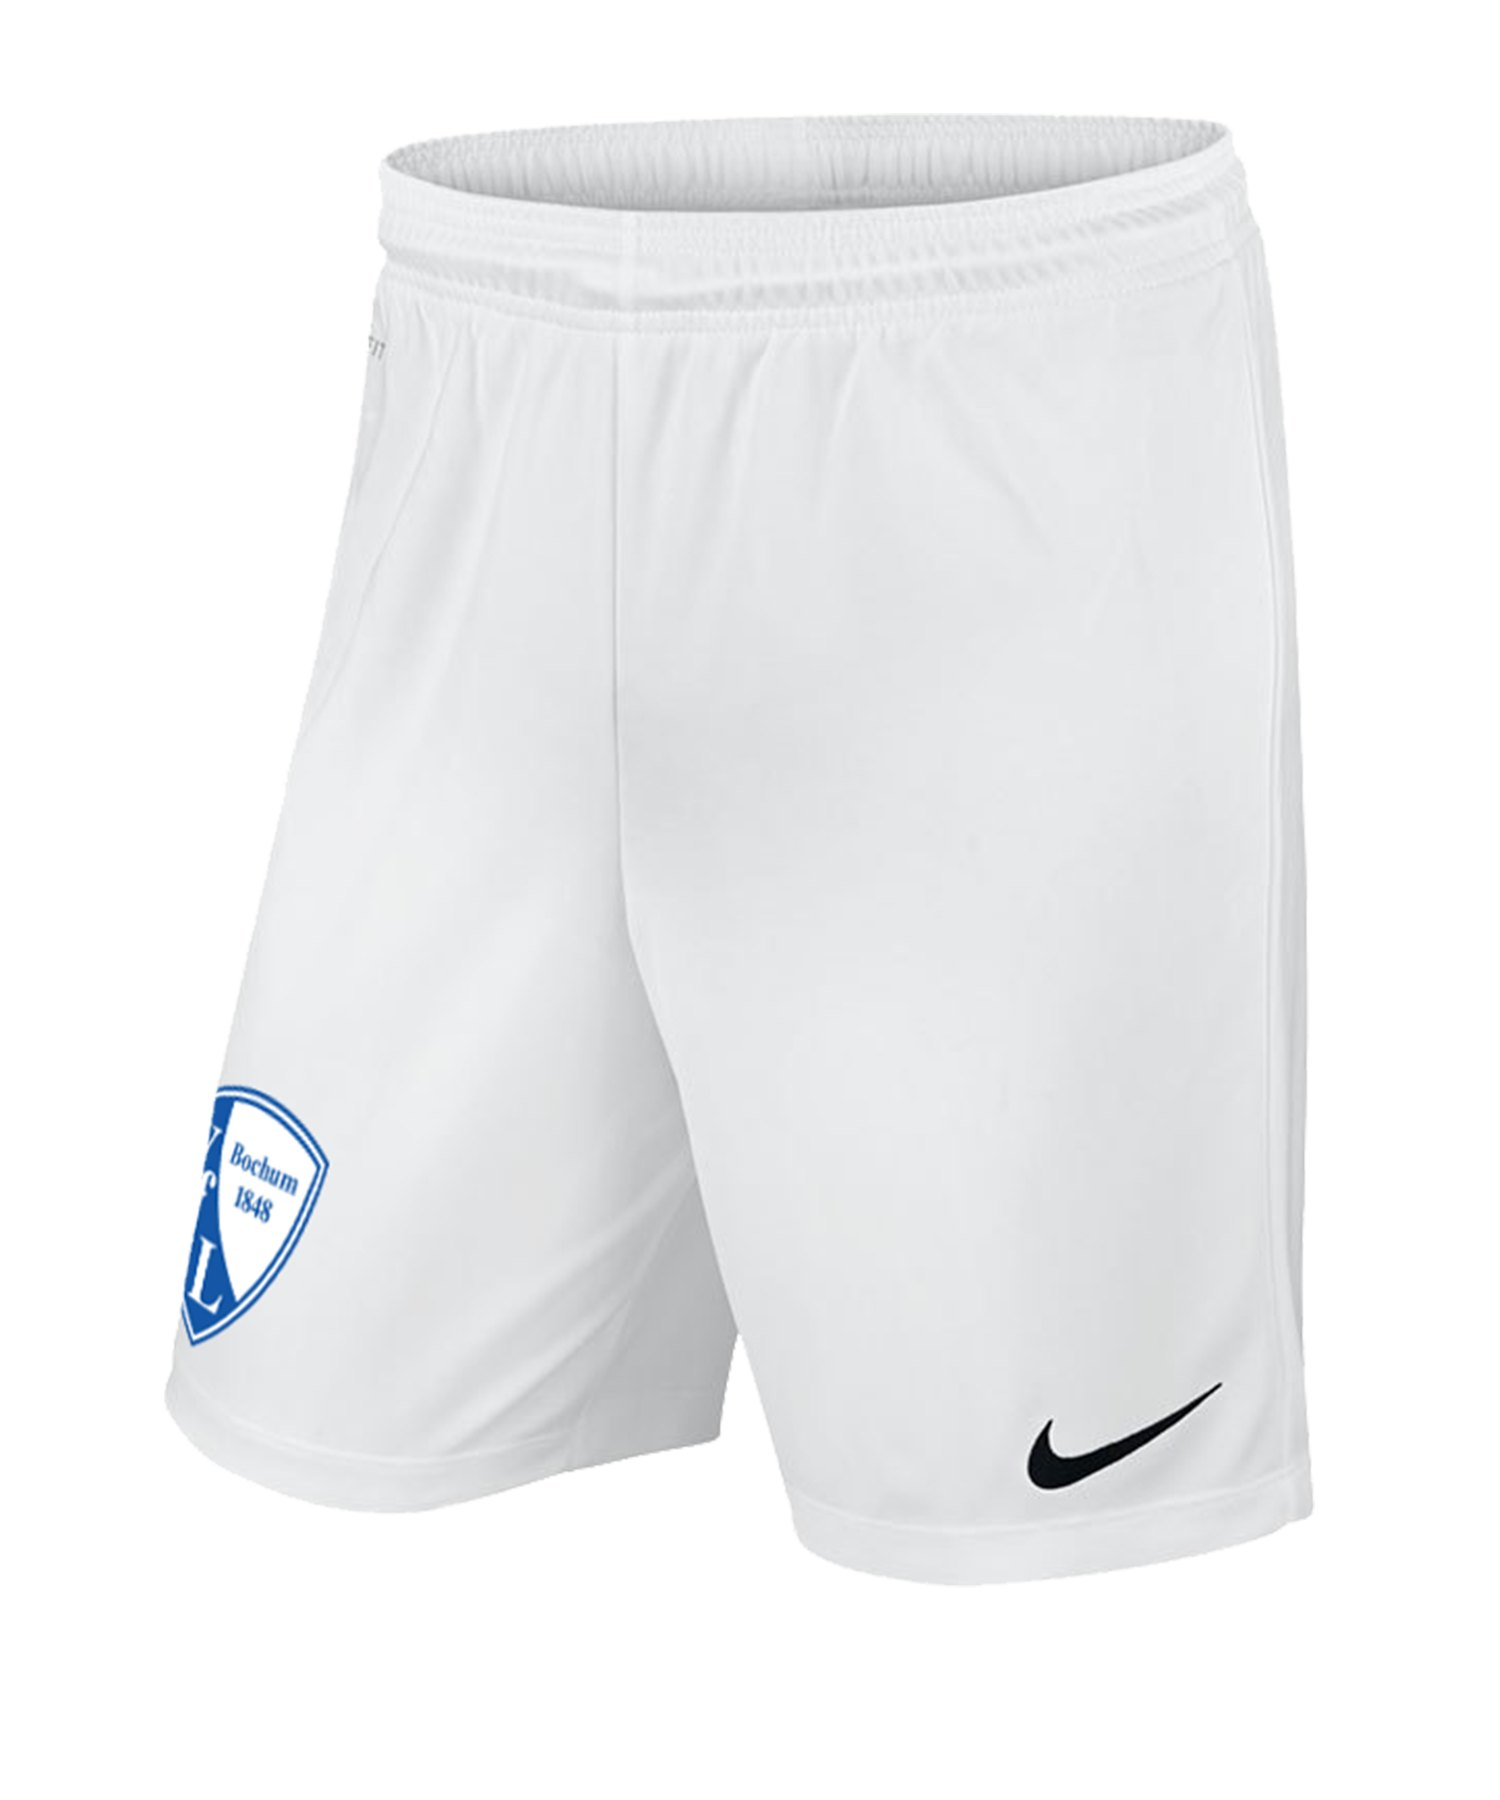 Nike VfL Bochum Short Home 2019/2020 Weiss F100 - weiss